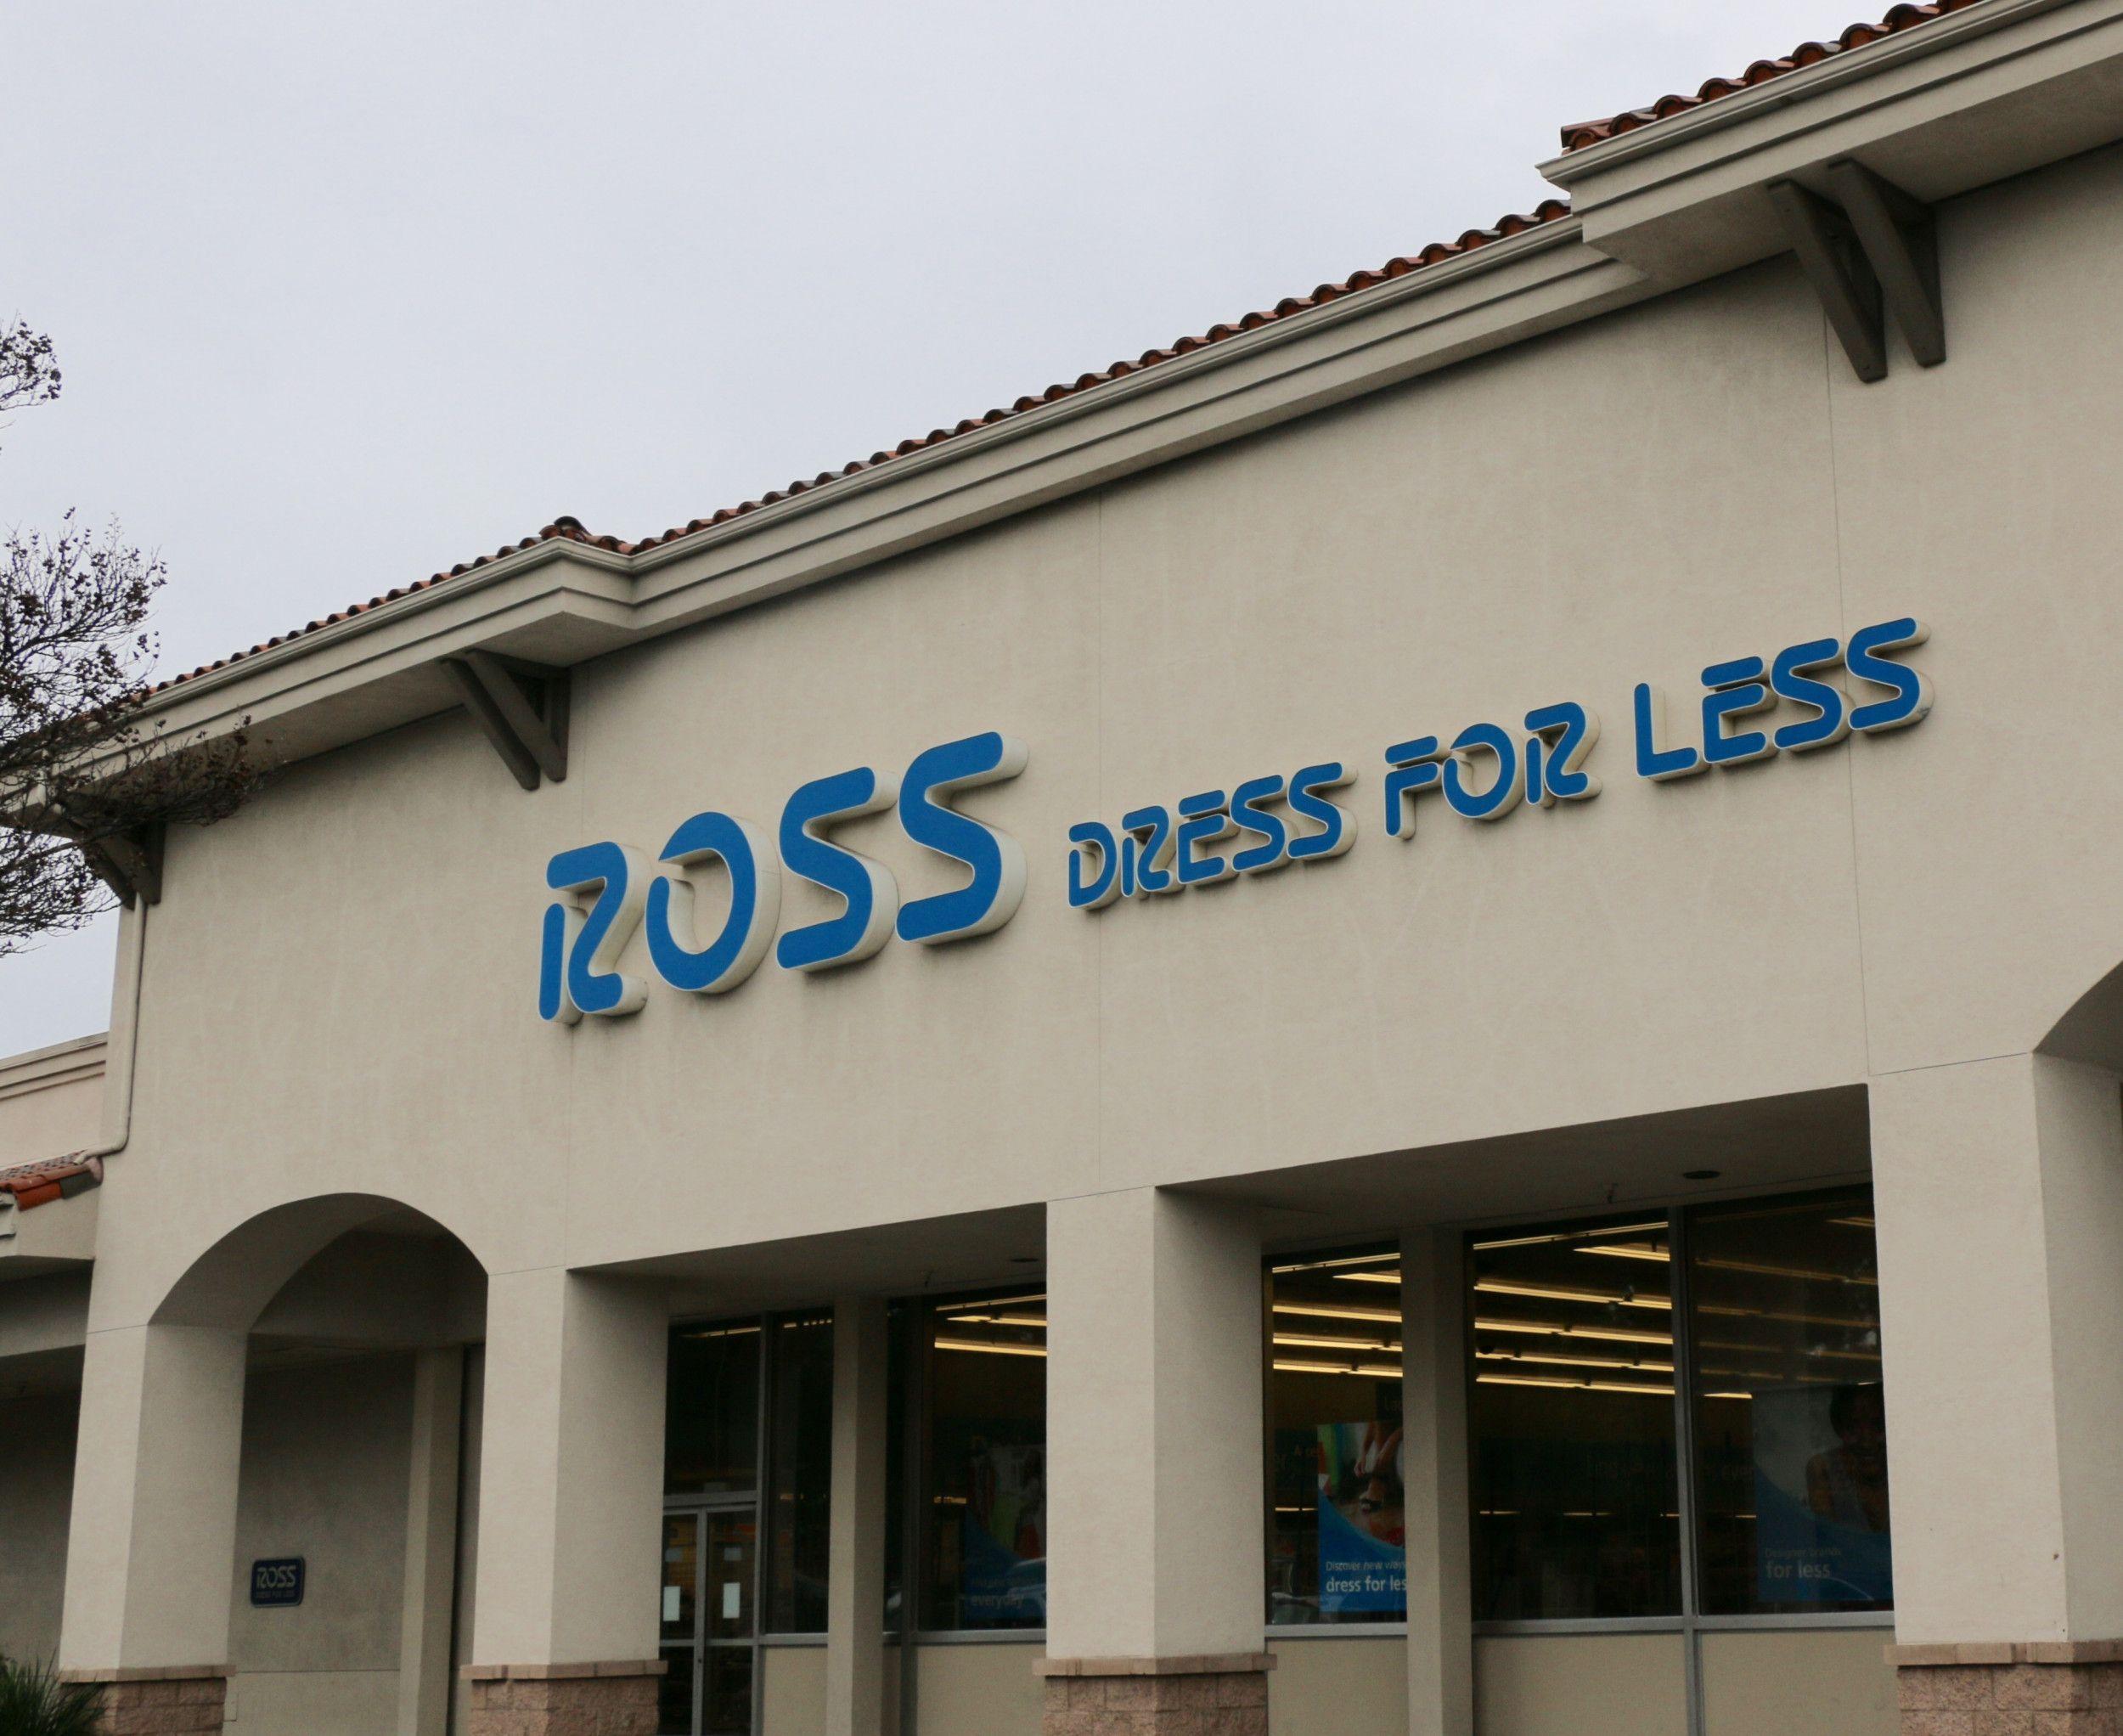 44+ Ross dress for less hours info